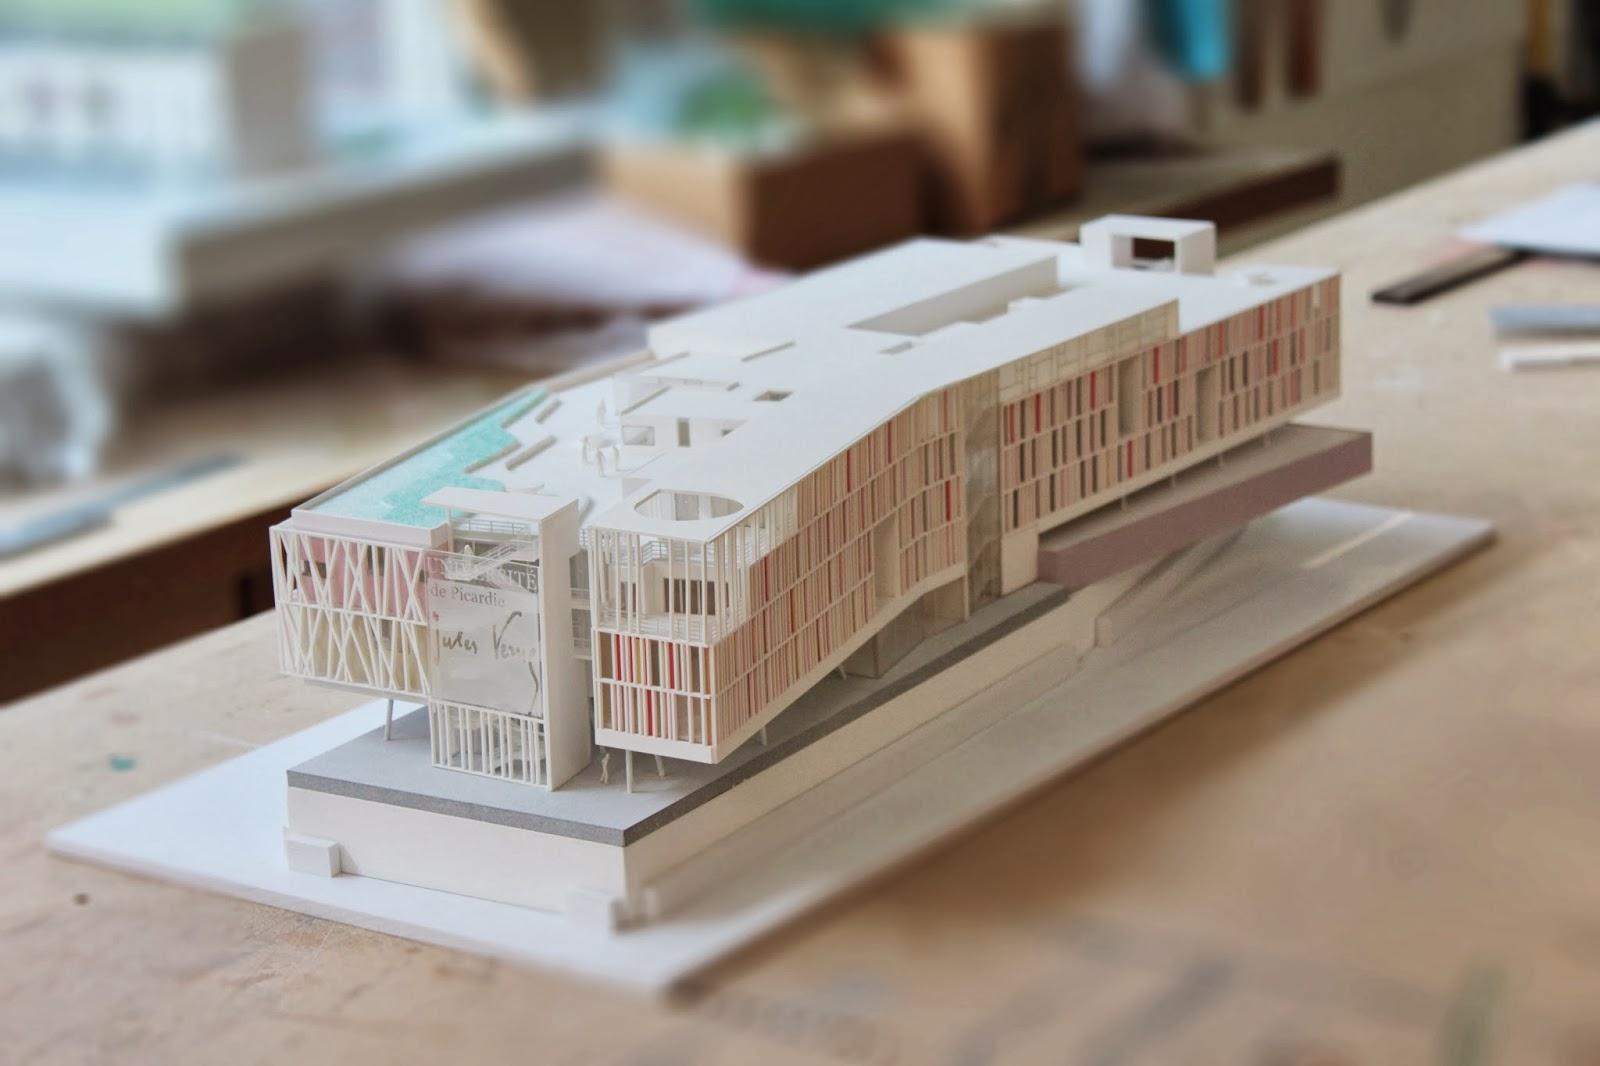 Atelier bem 76 concours d 39 architecture for Architecture concours